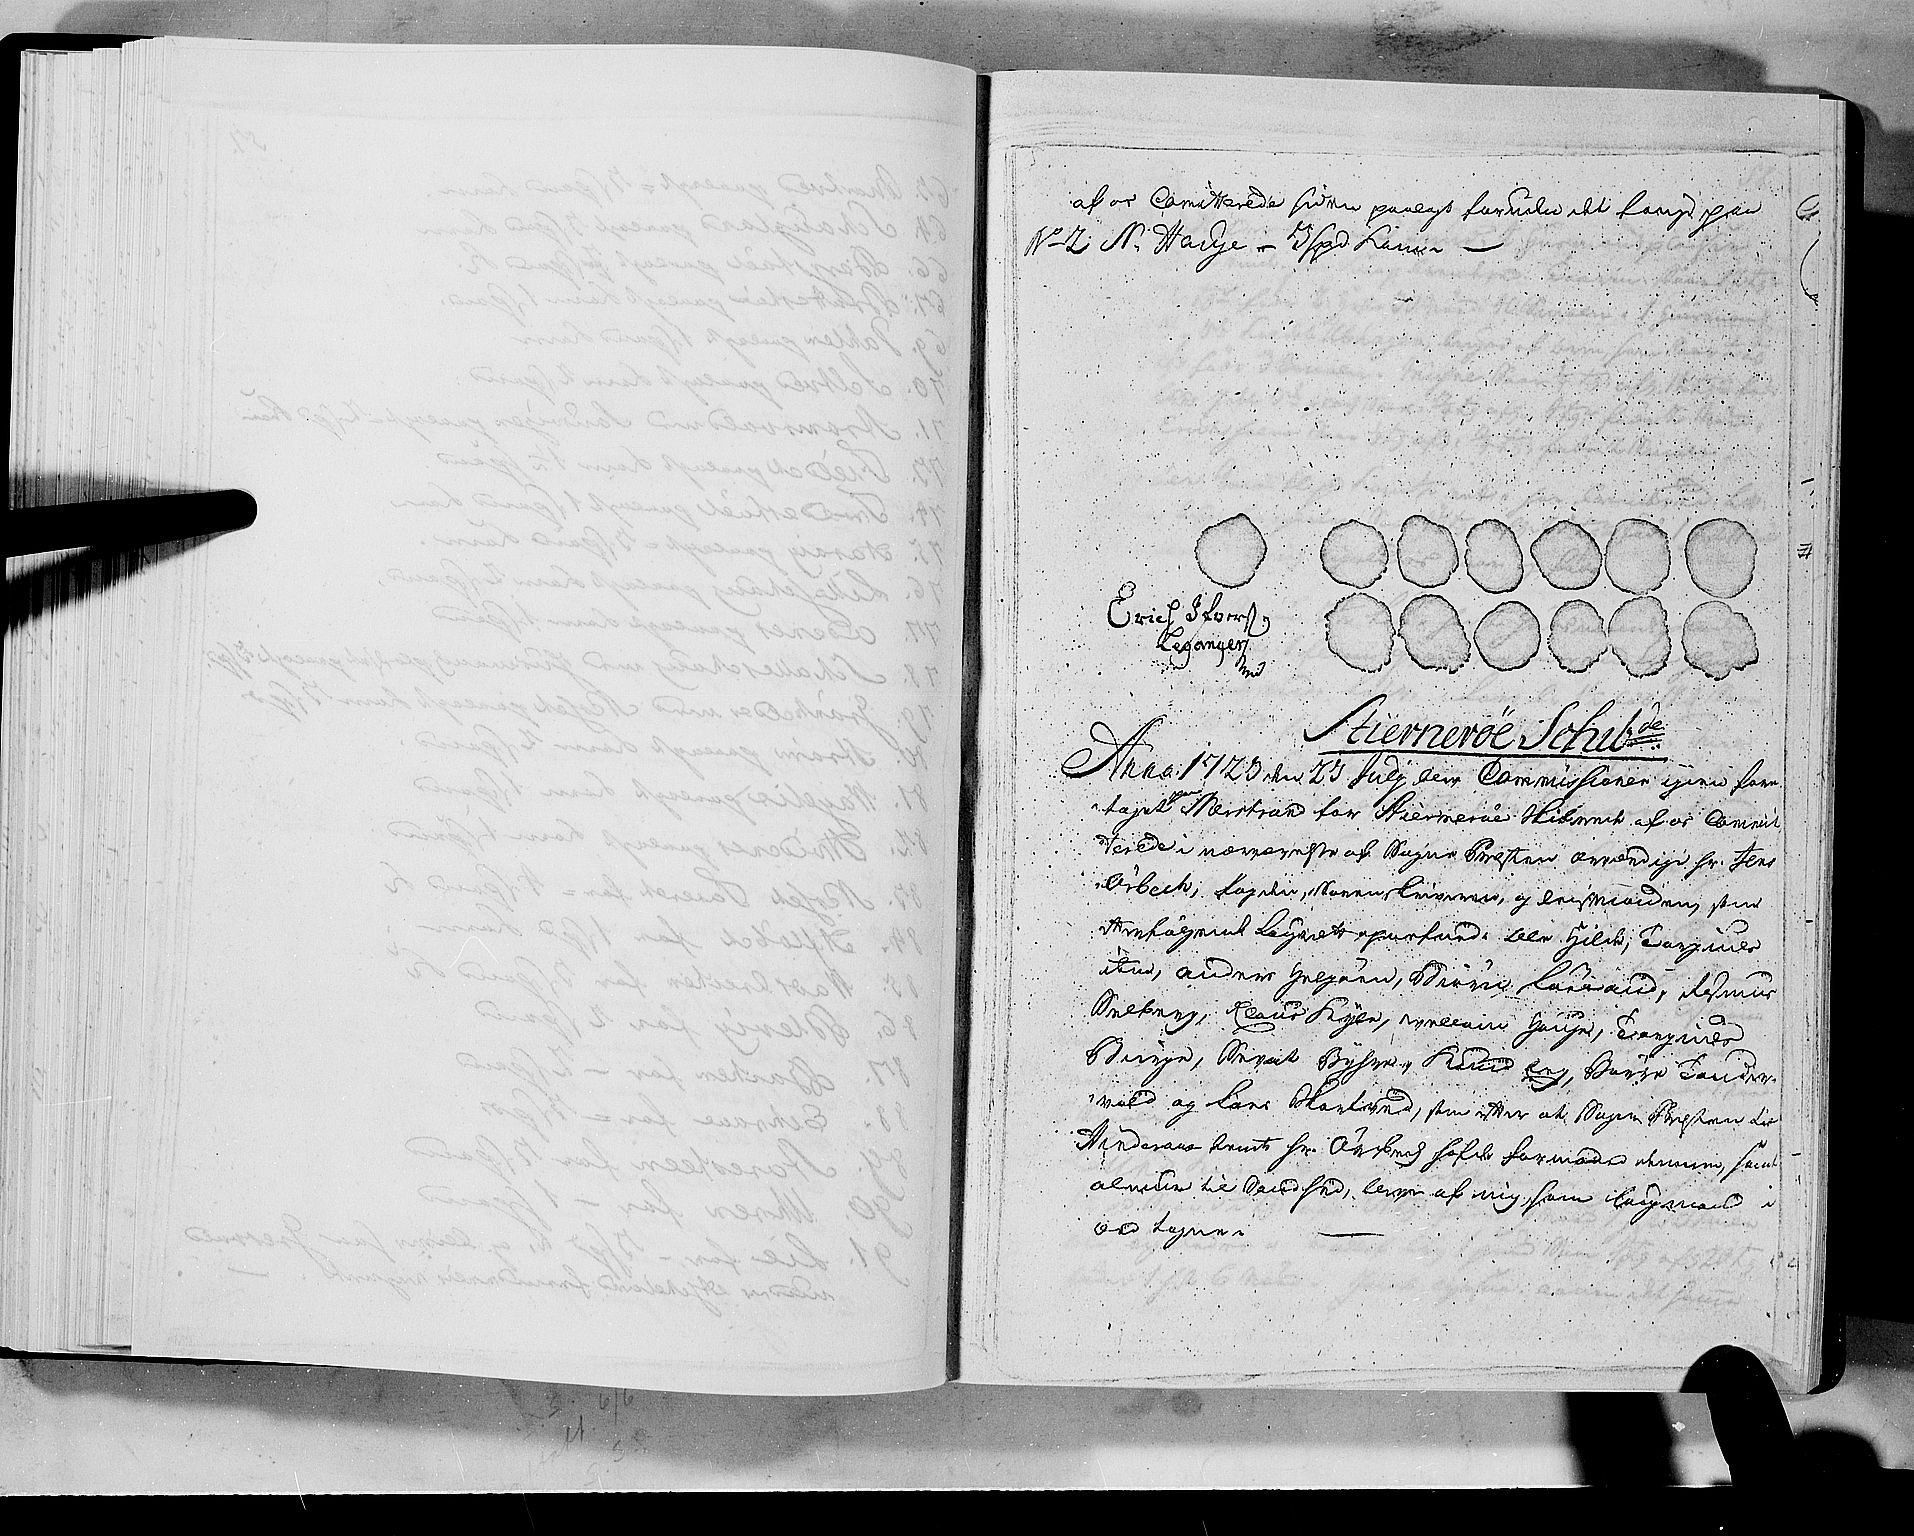 RA, Rentekammeret inntil 1814, Realistisk ordnet avdeling, N/Nb/Nbf/L0133a: Ryfylke eksaminasjonsprotokoll, 1723, s. 57b